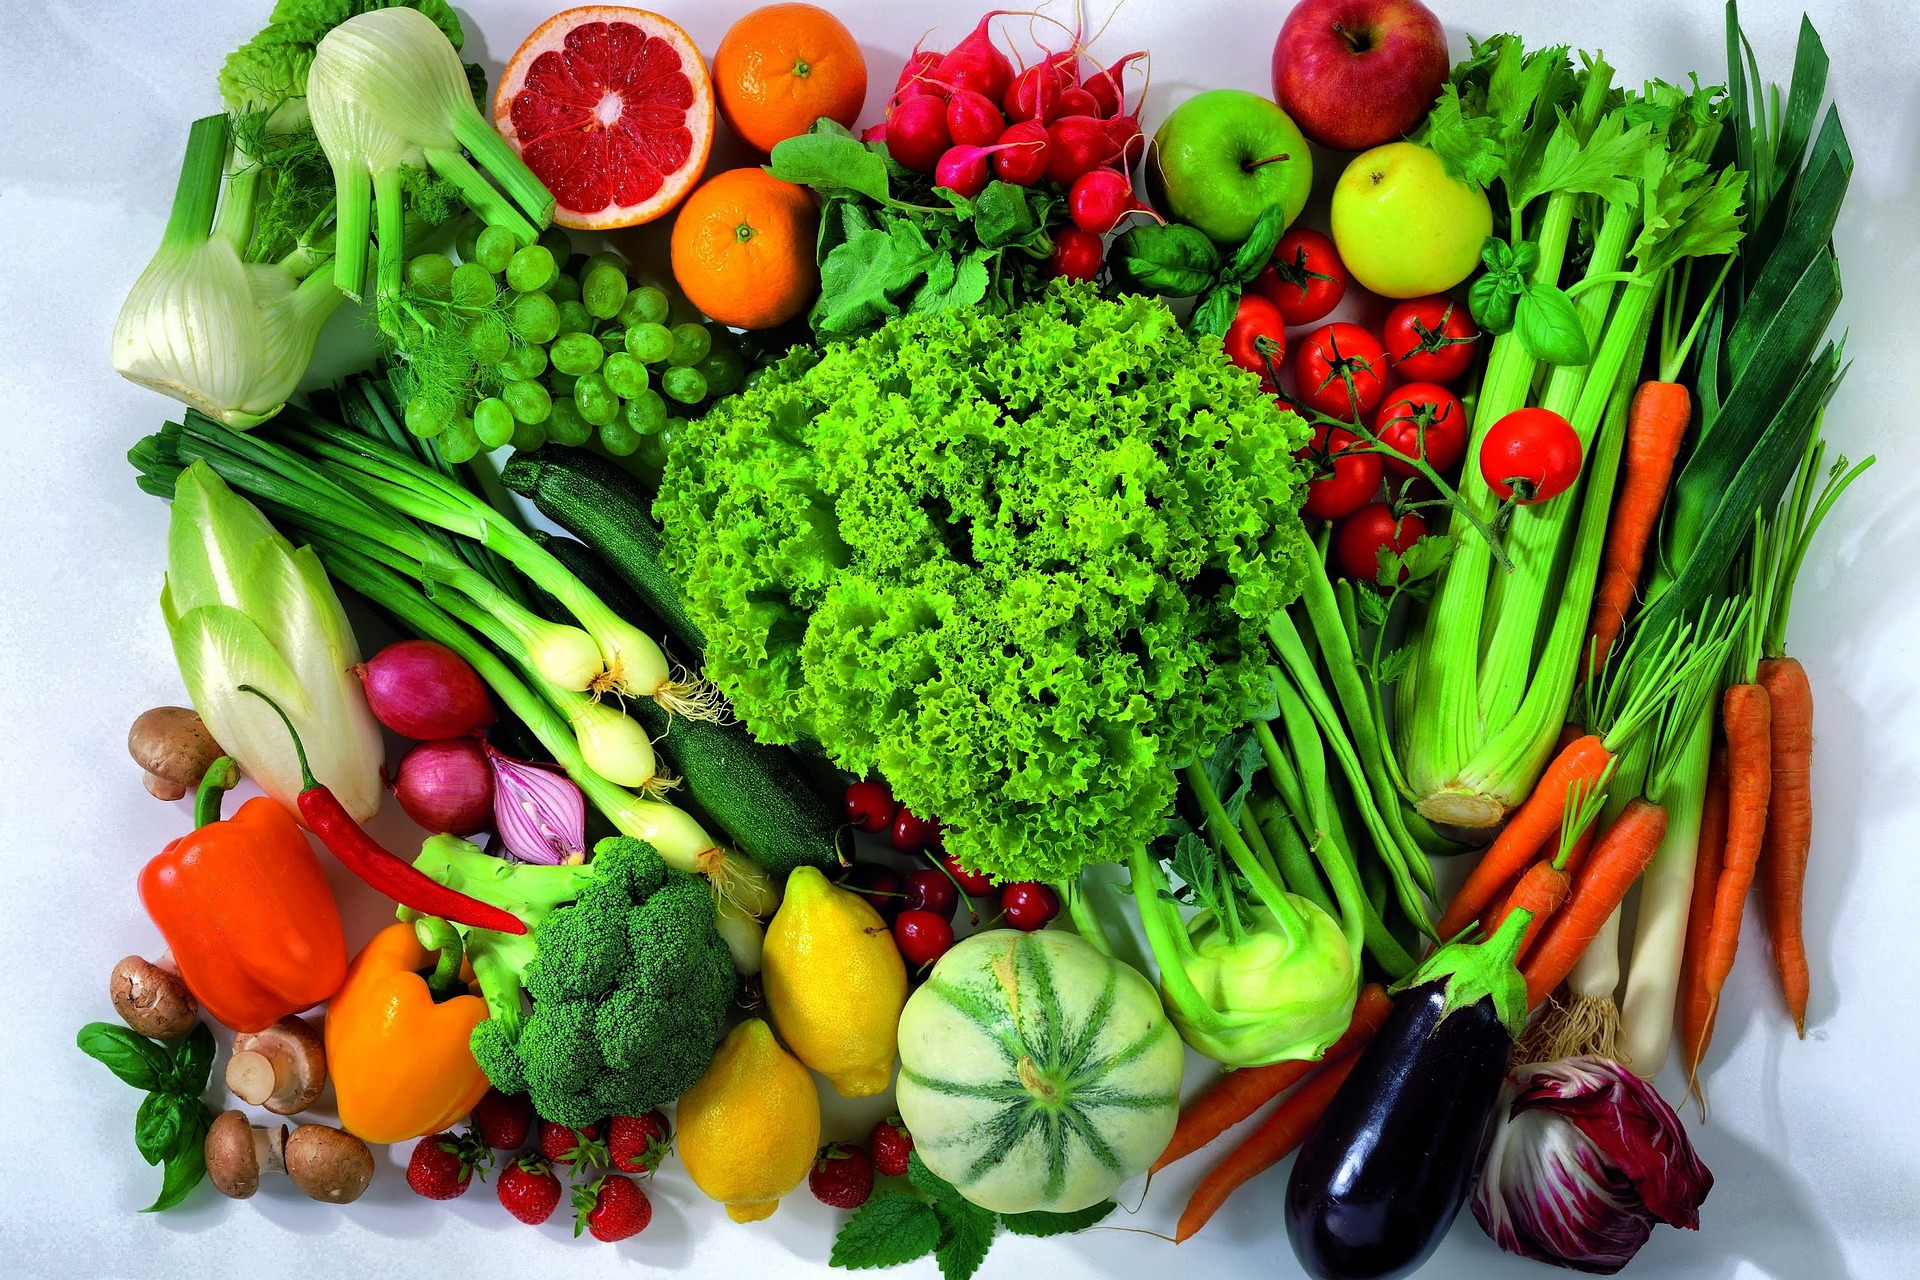 Firss saláta ágy az egészséges táplálkozáshoz.